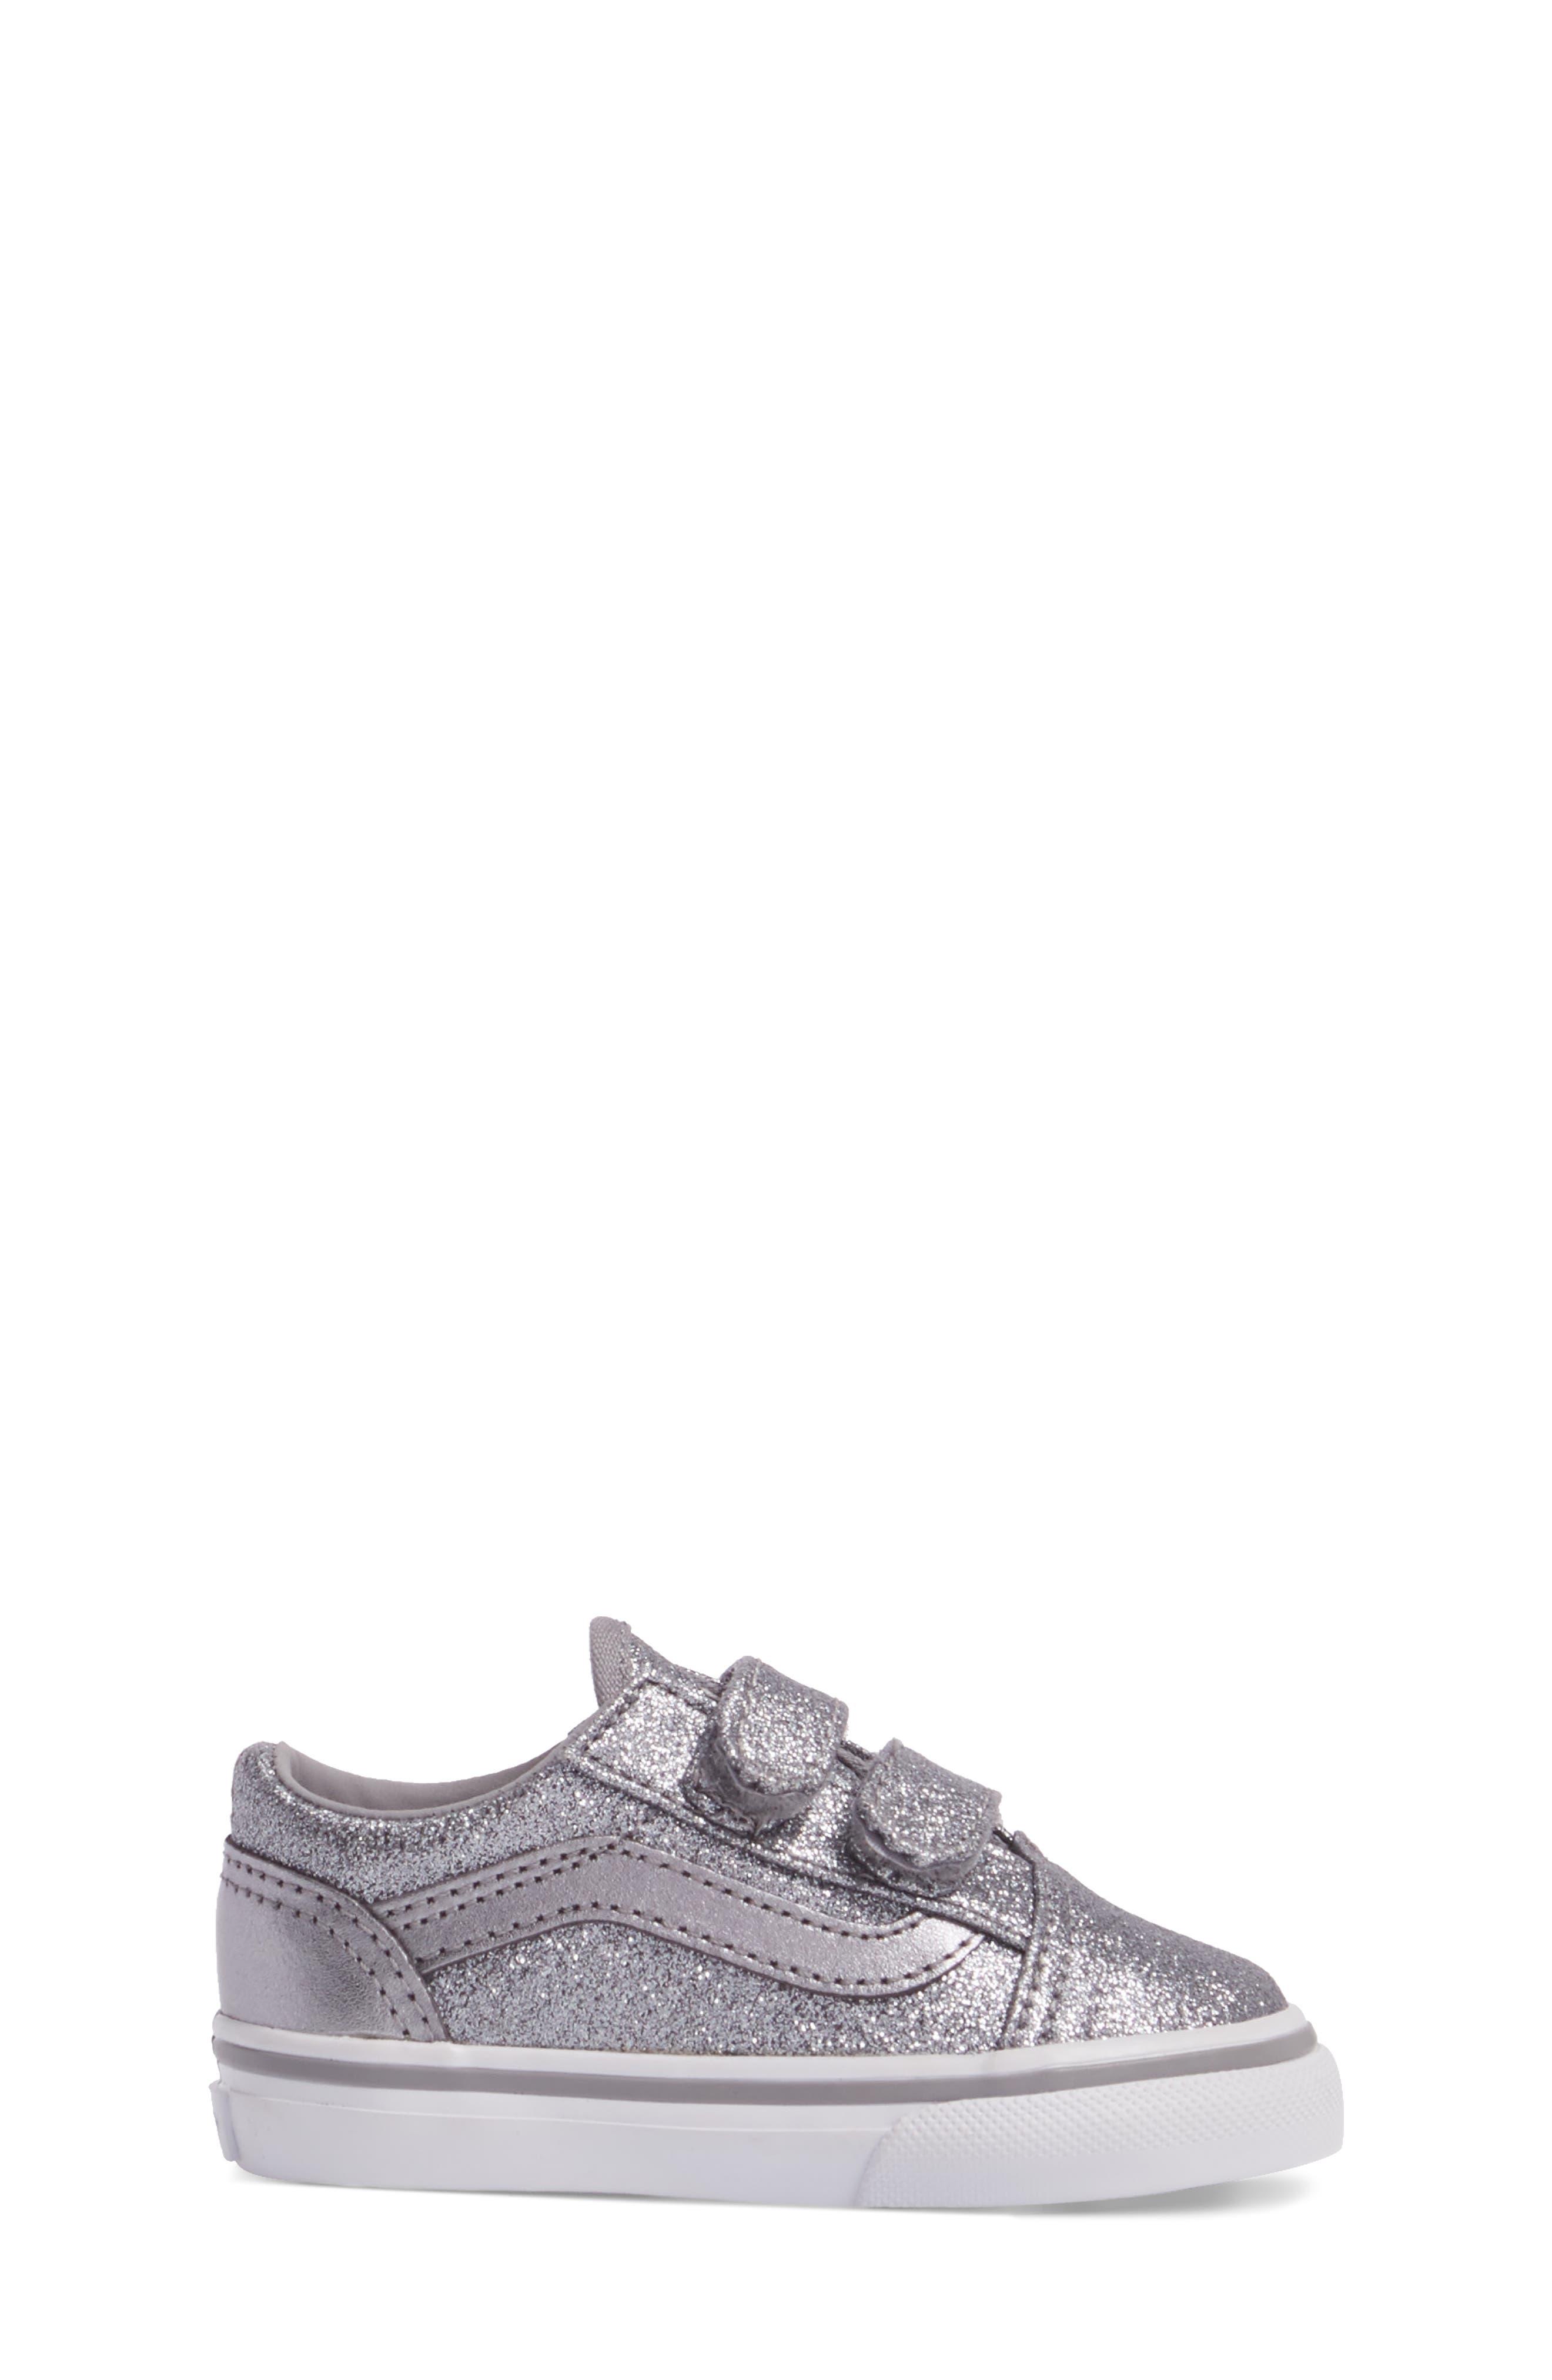 Old Skool V Glitter Sneaker,                             Alternate thumbnail 3, color,                             Glitter  Metallic Frost Gray